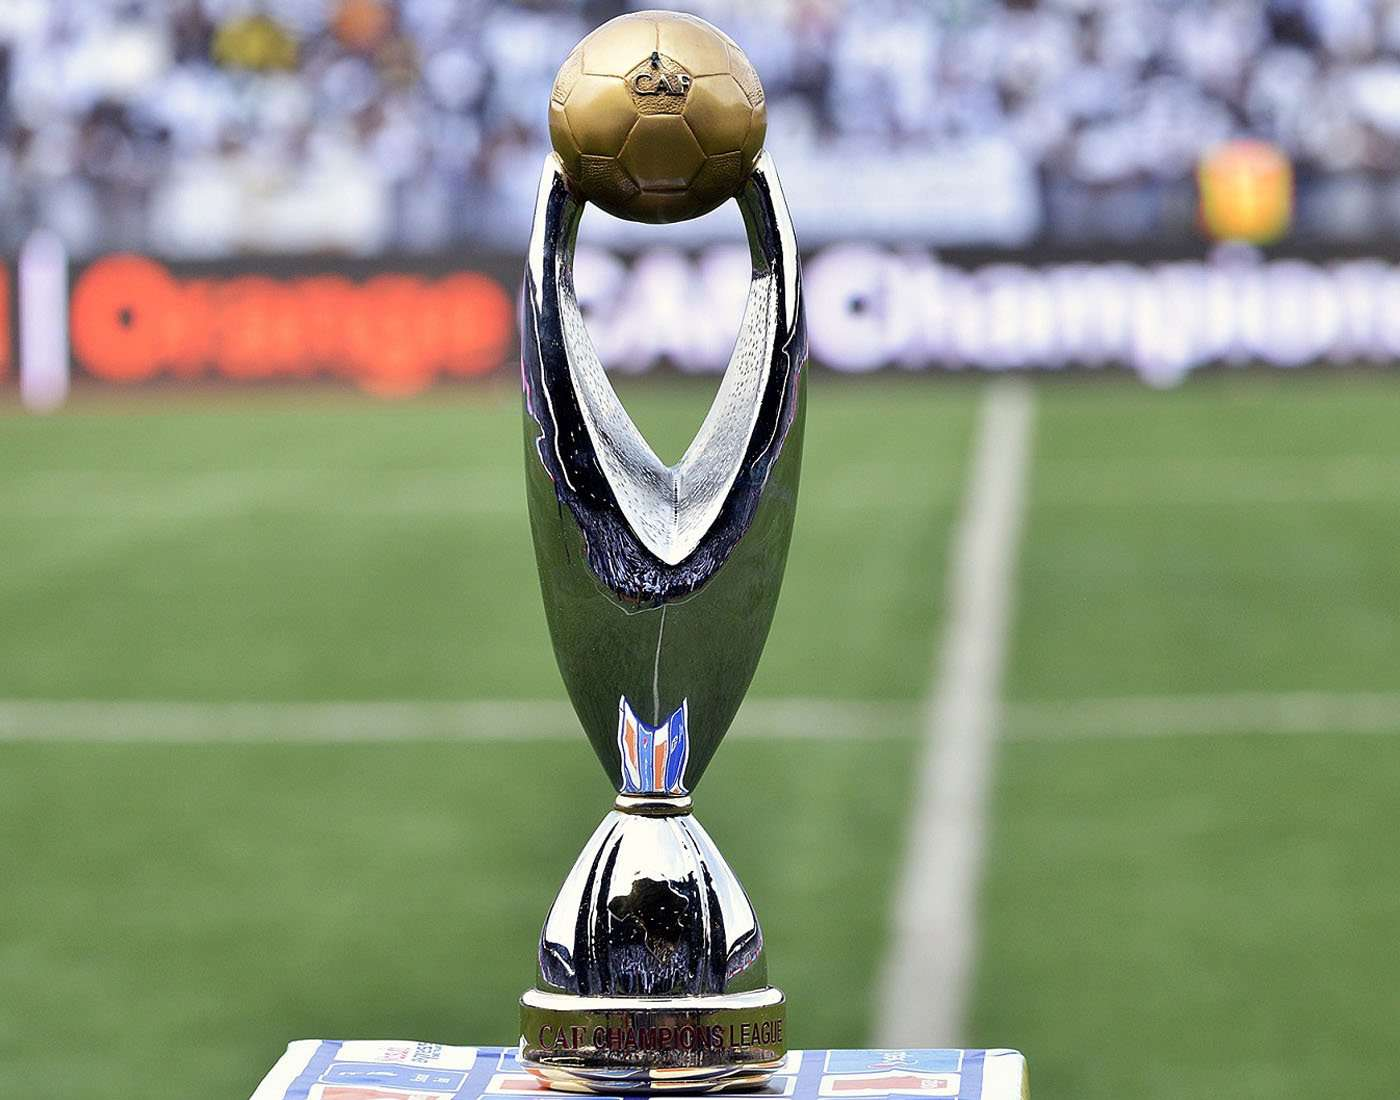 تعرف على الفرق المتأهلة لدور الـ 8 في البطولة الأفريقية